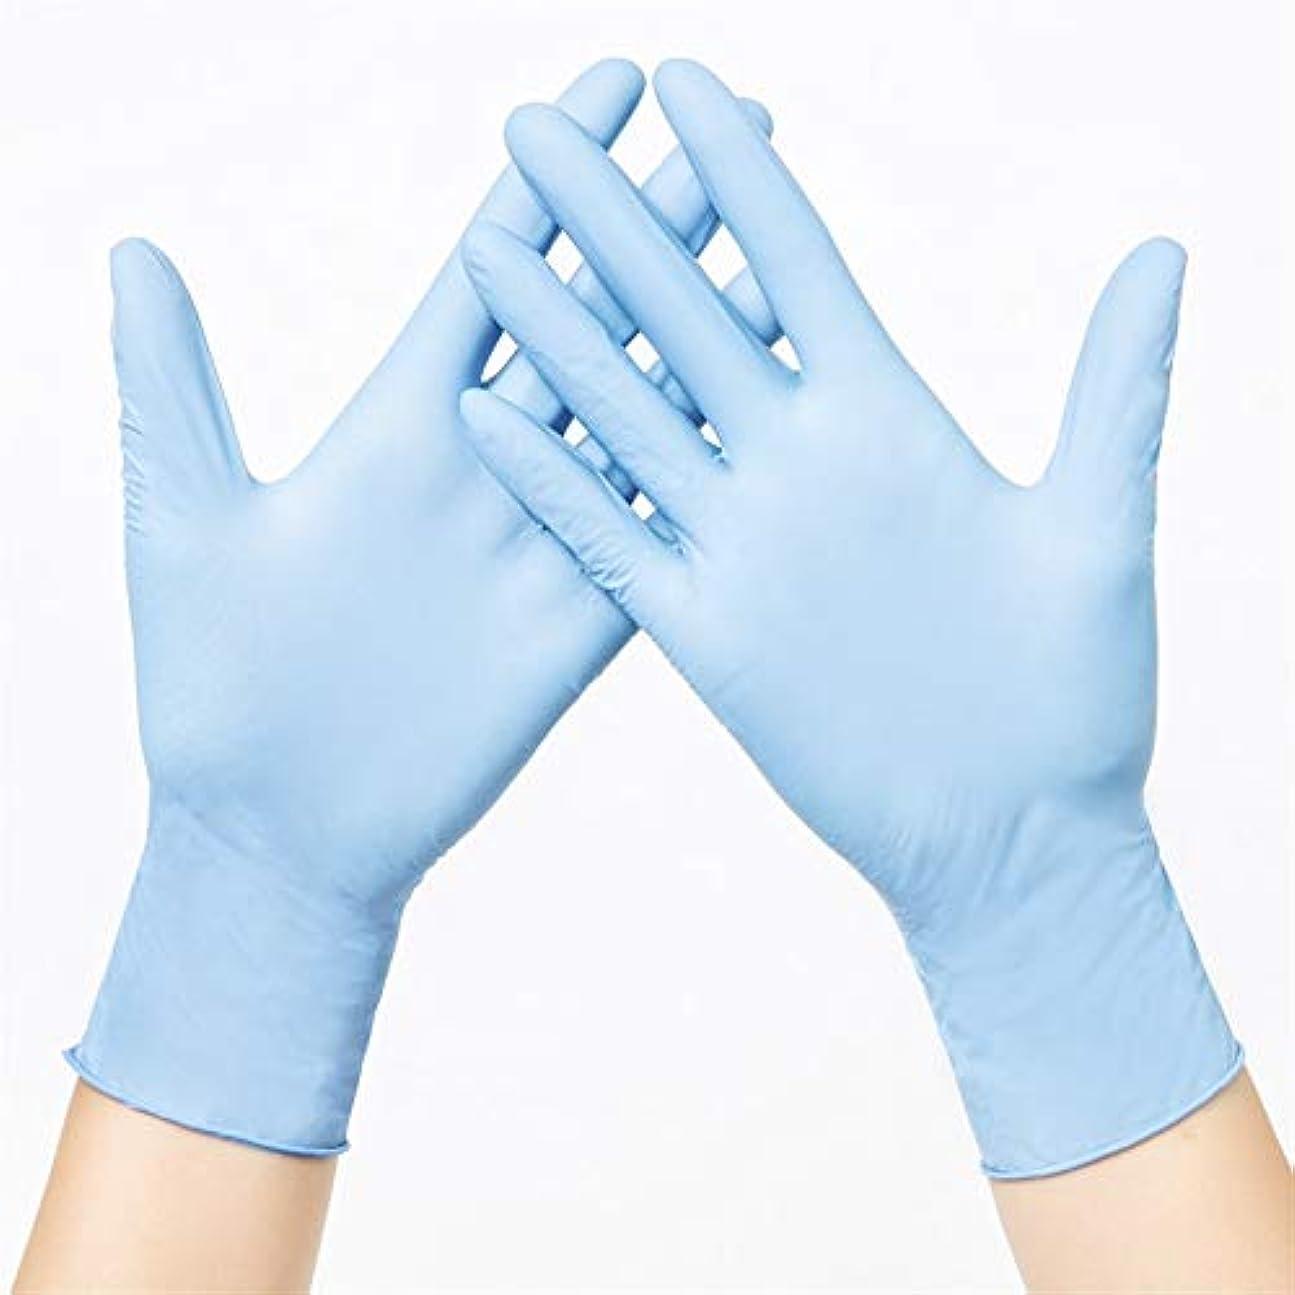 透明に大脳愛使い捨て手袋 使い捨て手袋ゴム製超薄型ハンドウェアラブル防水家庭用手袋、100 ニトリルゴム手袋 (Color : Blue, Size : S)